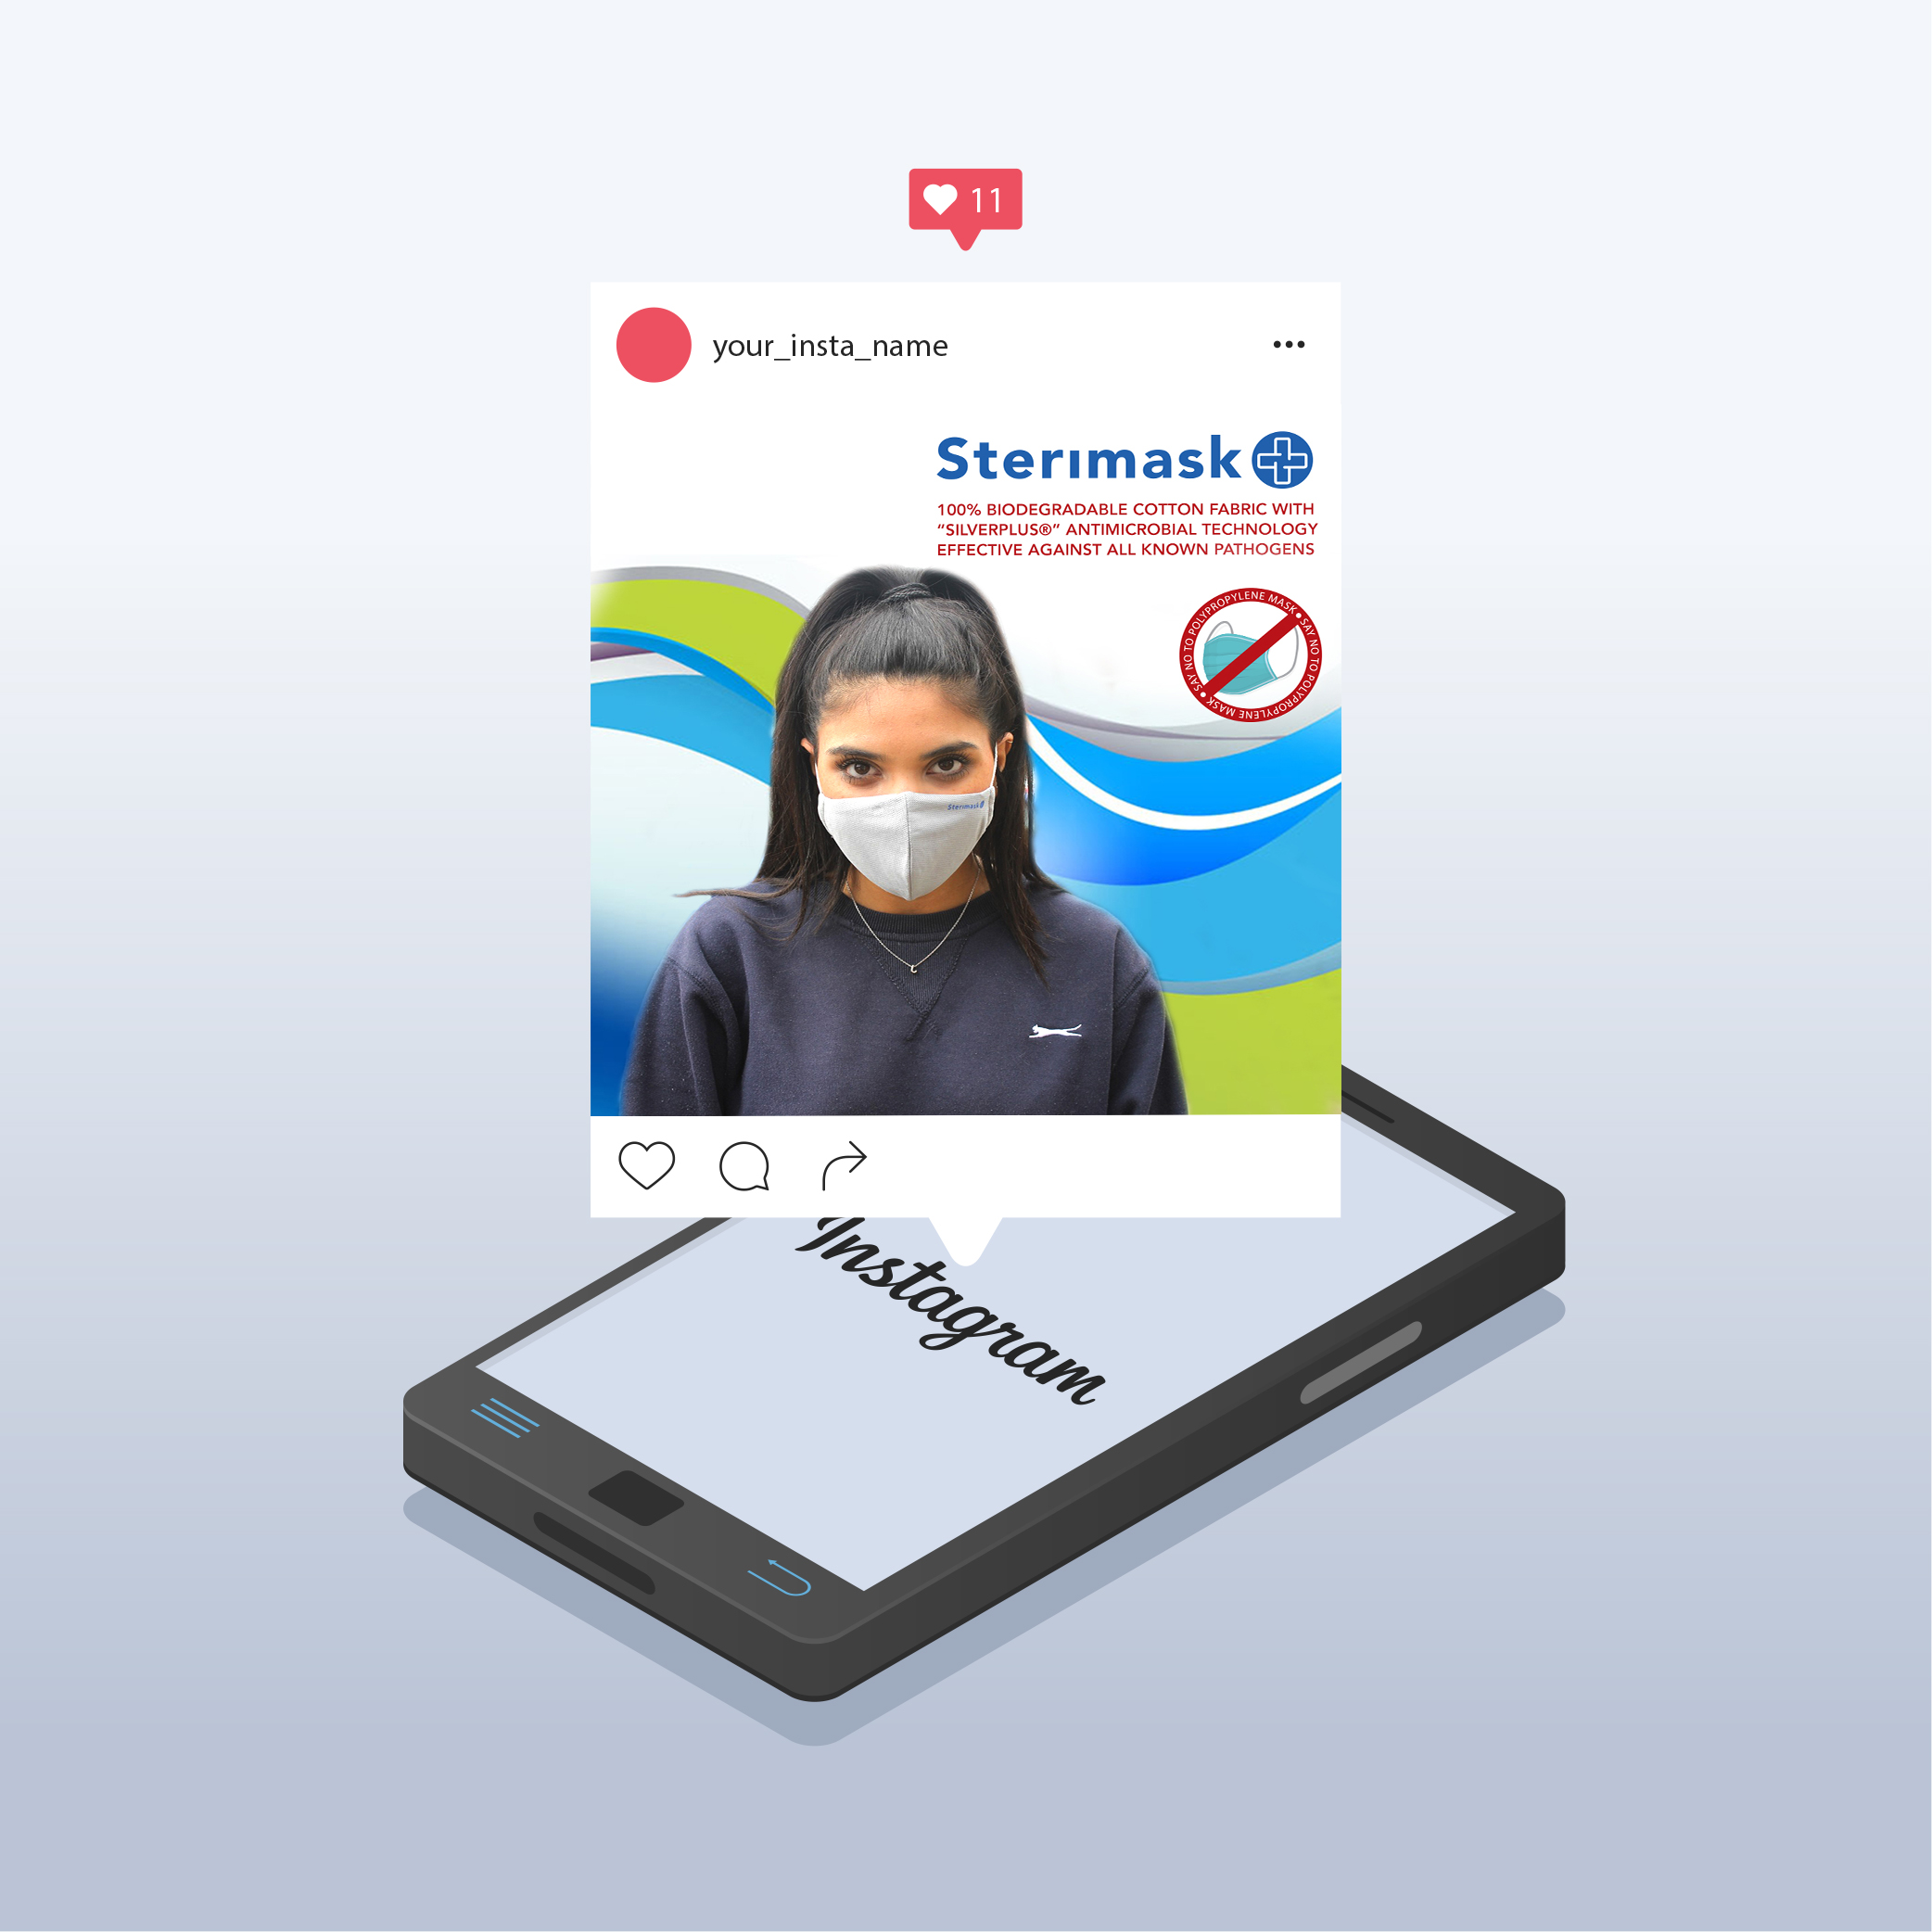 Sterimask